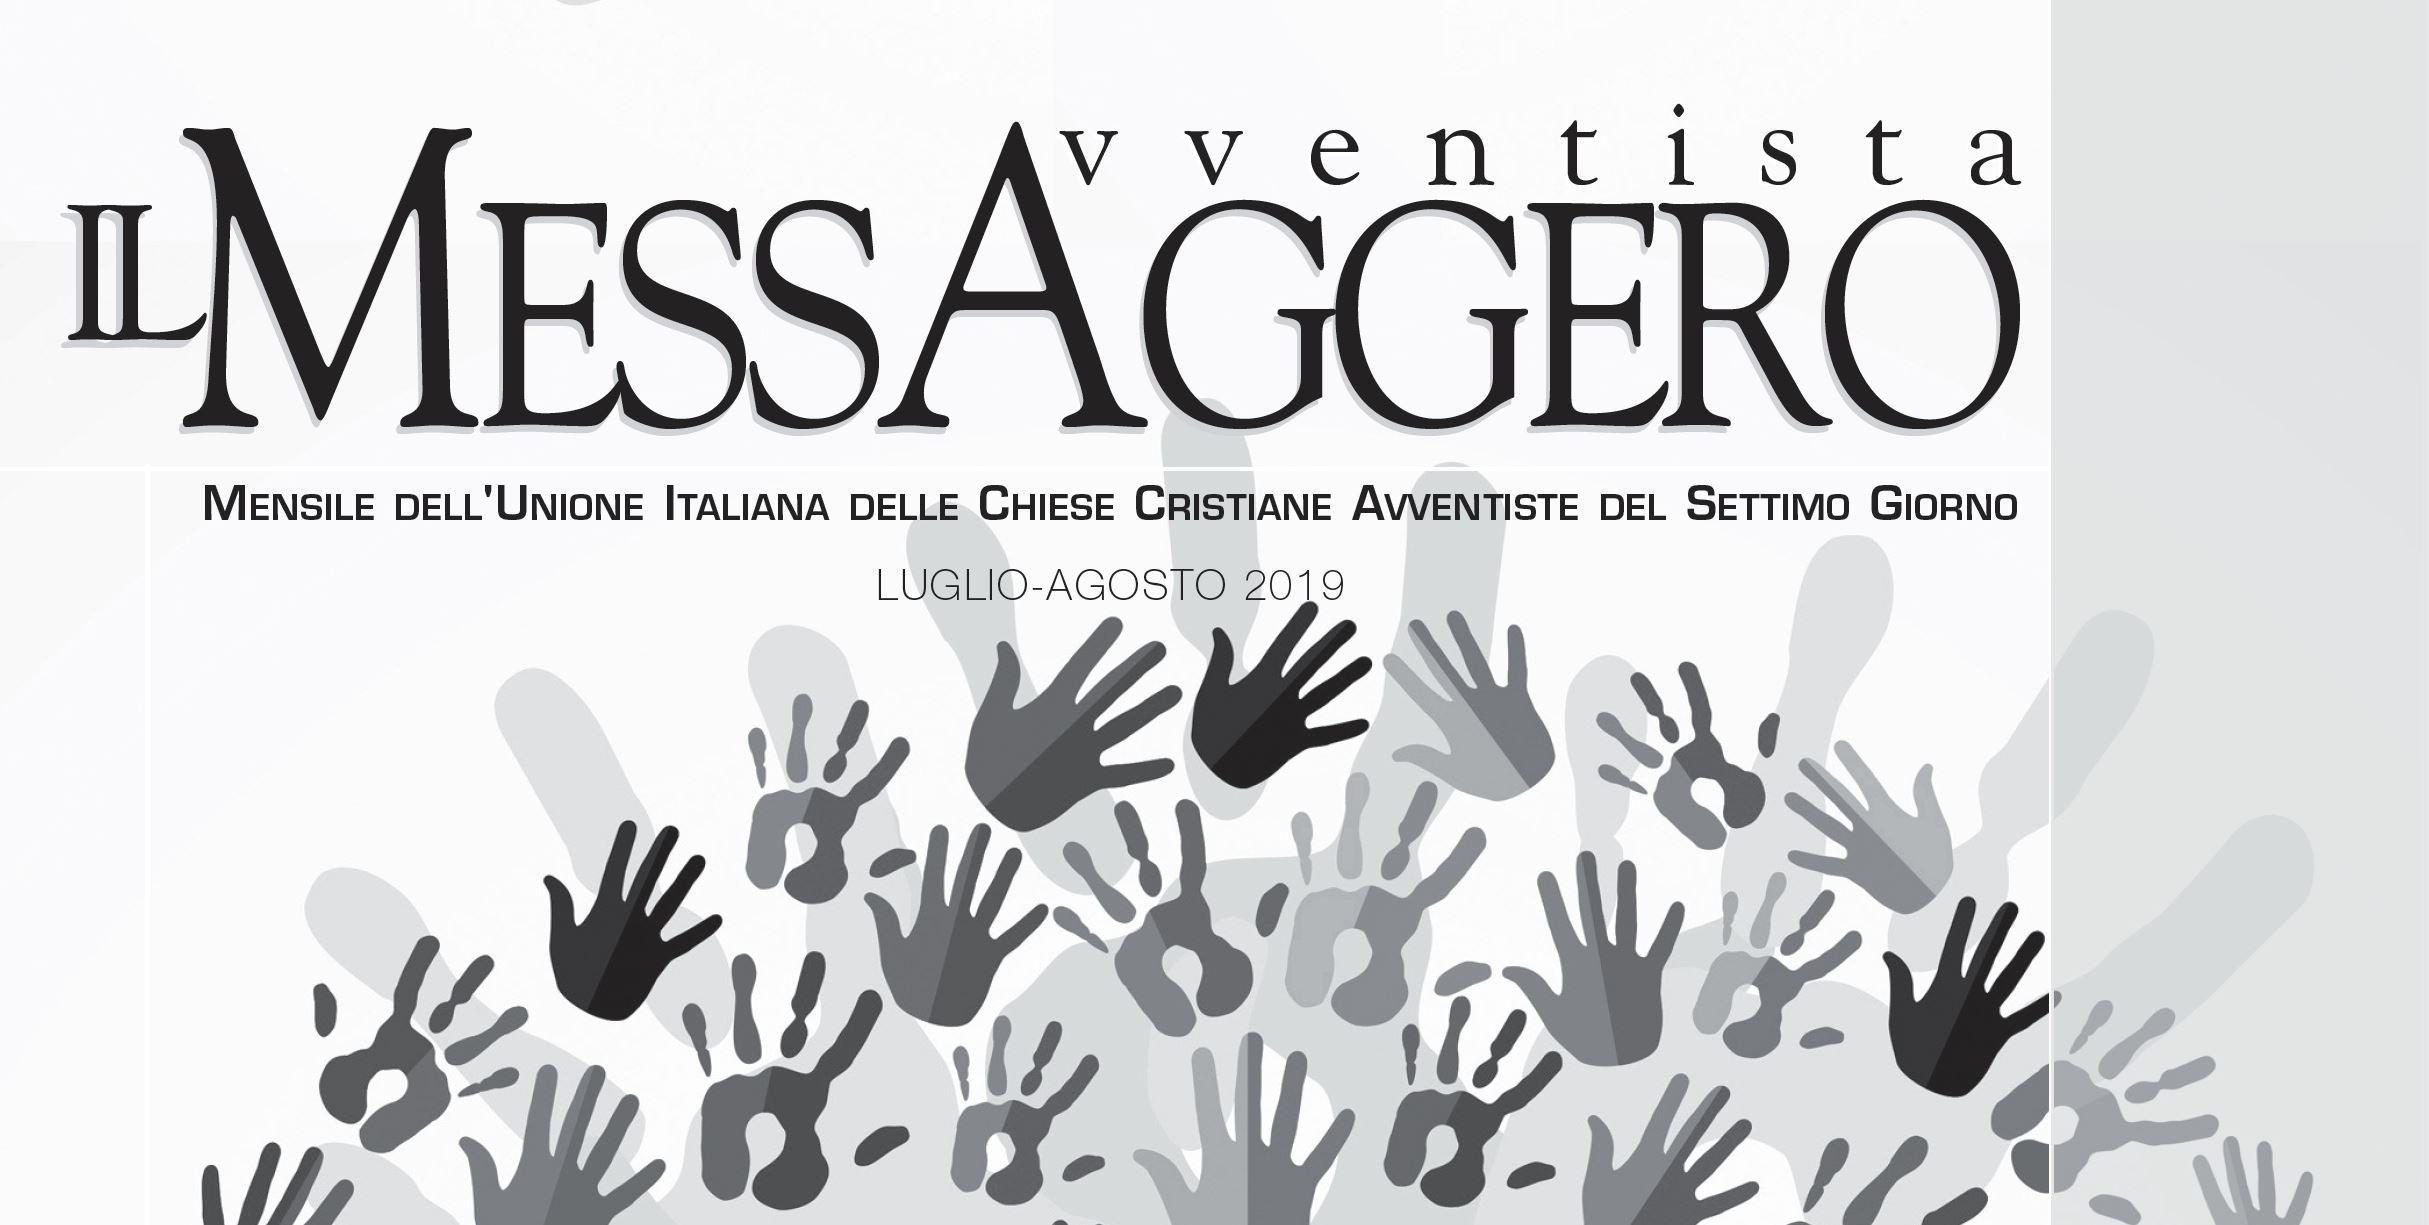 Messaggero - Lug./Ago. 2019